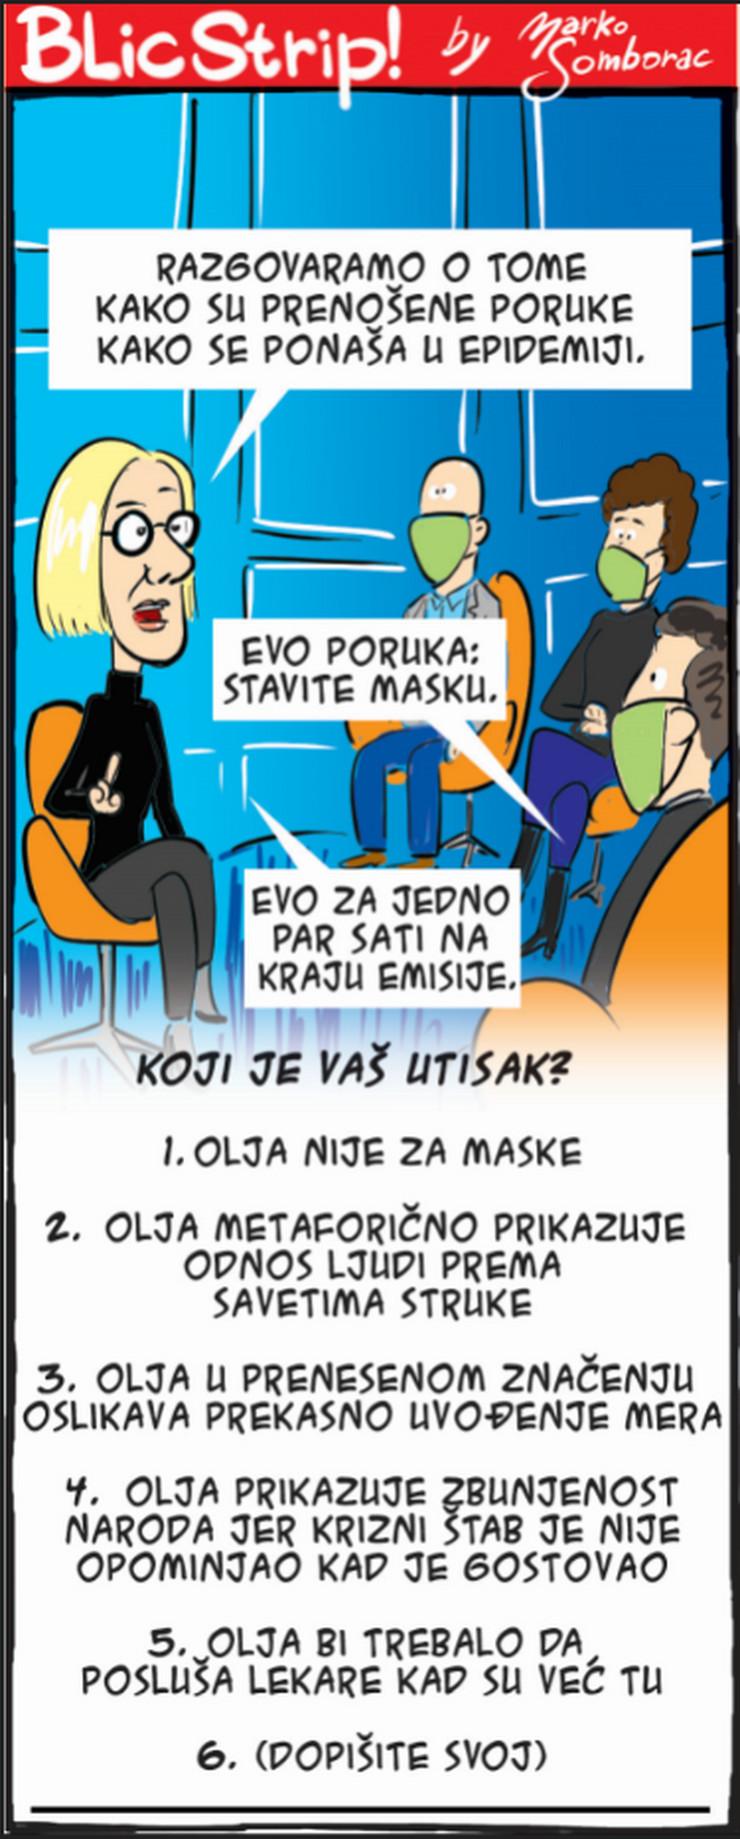 Blic strip za 13.12.2020.